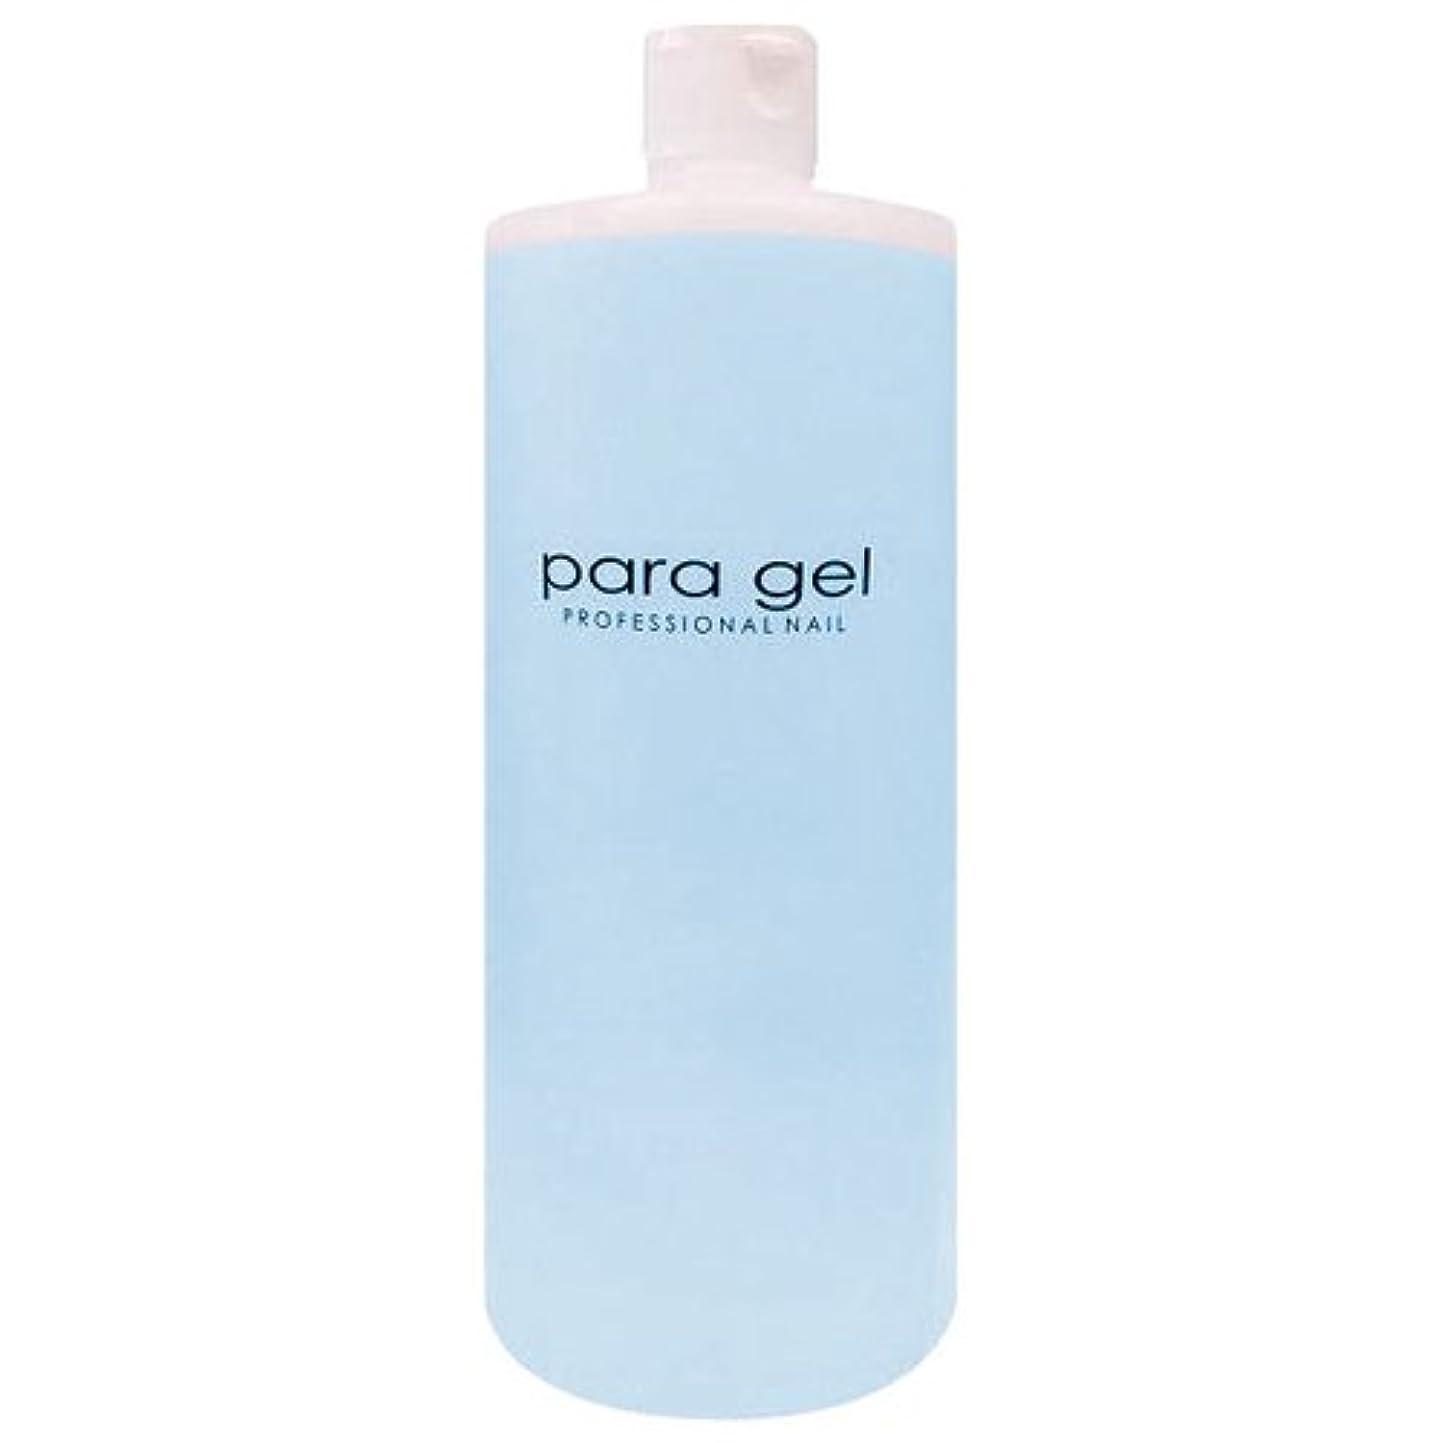 オリエントカバー羊のパラジェル(para gel) パラプレップ 1000ml